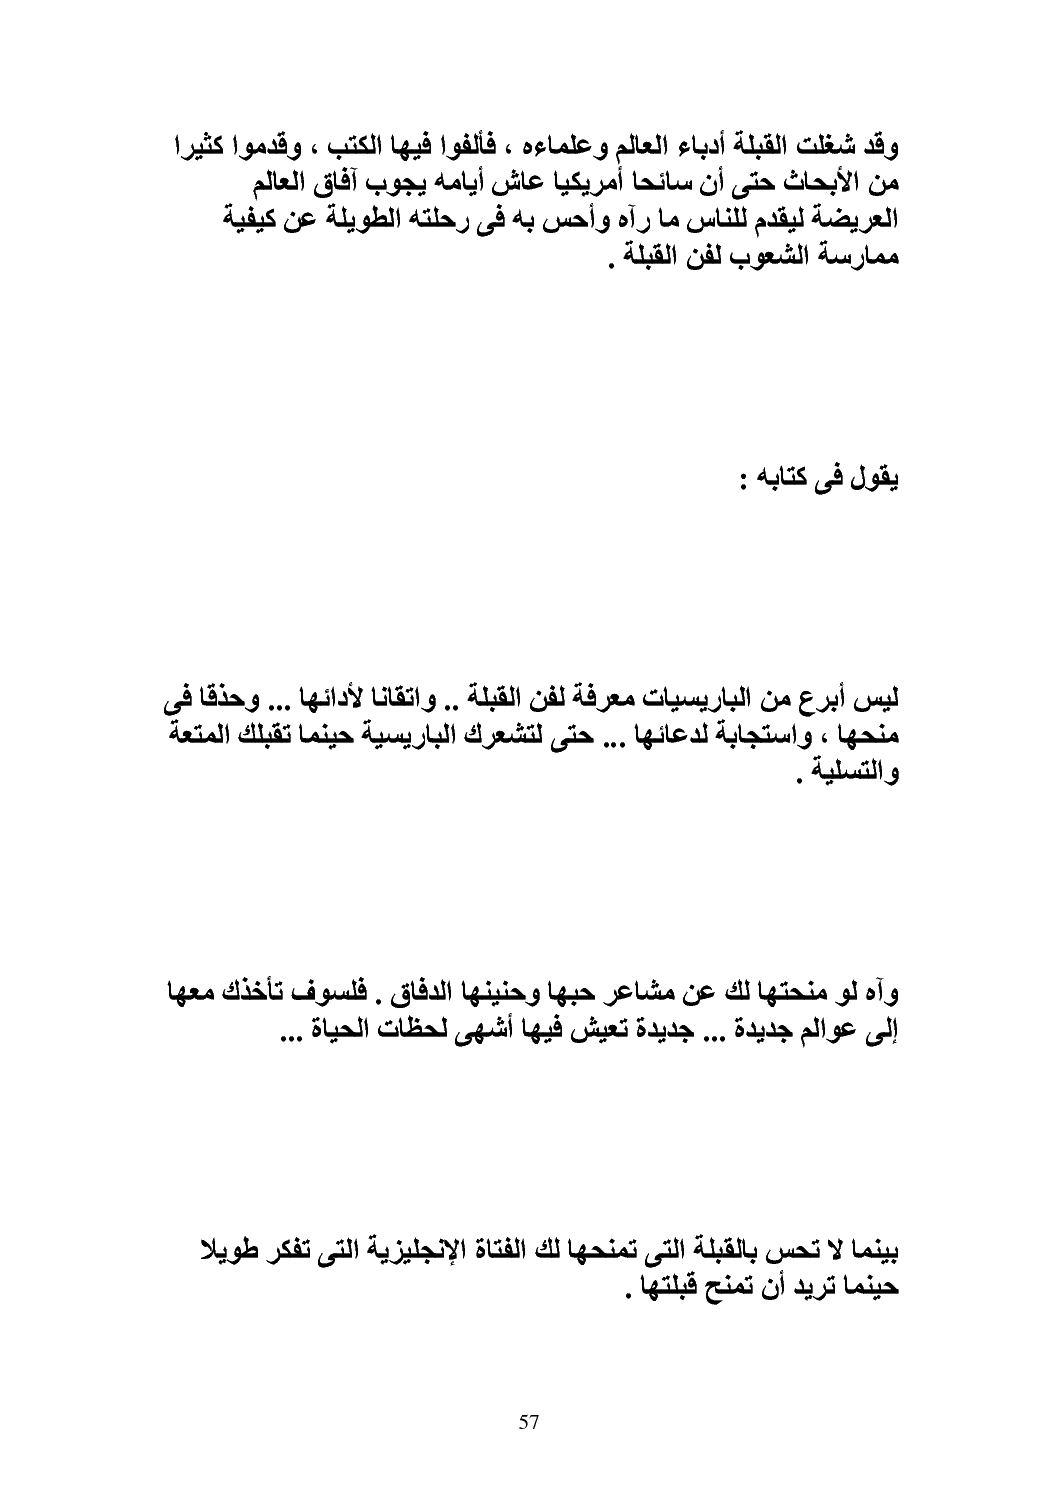 القبلة مصطفى عبد الرحمن Calameo Downloader